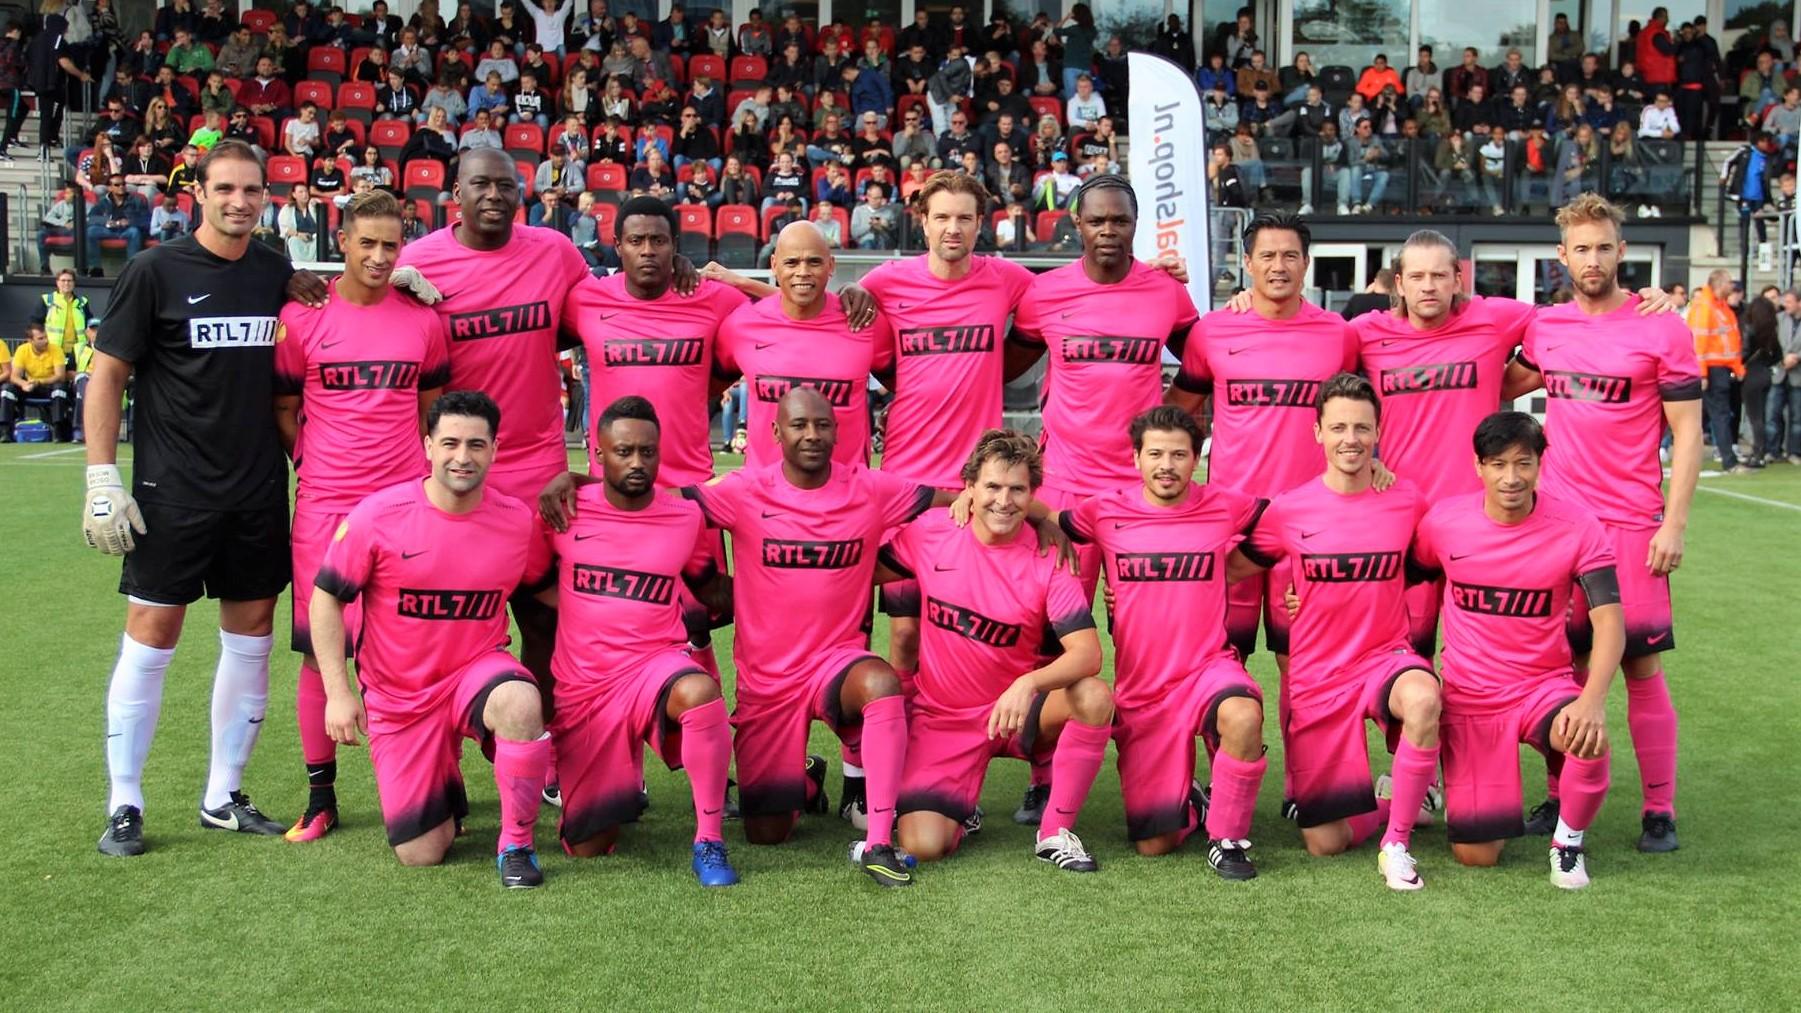 RTL7 Sterrenteam - Voetbal in Haarlem